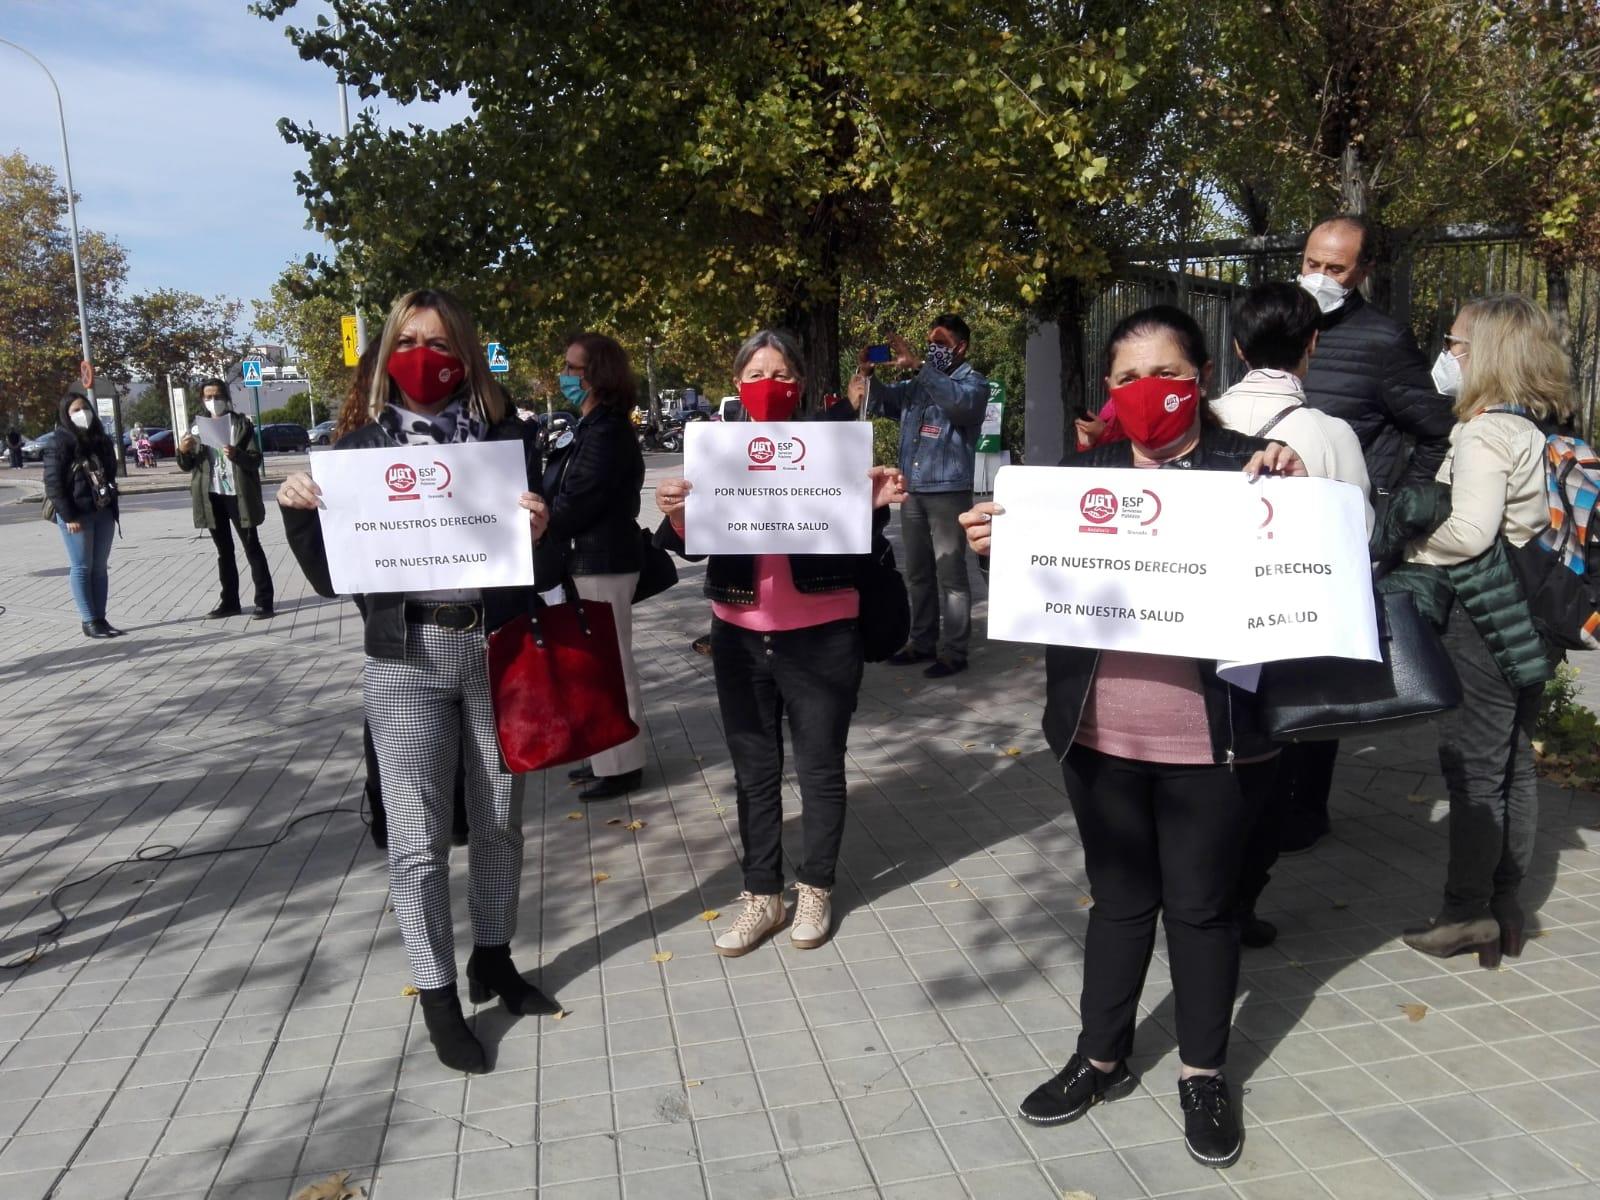 Los sindicatos protestan por la pérdida de derechos de los trabajadores de la sanidad pública andaluza